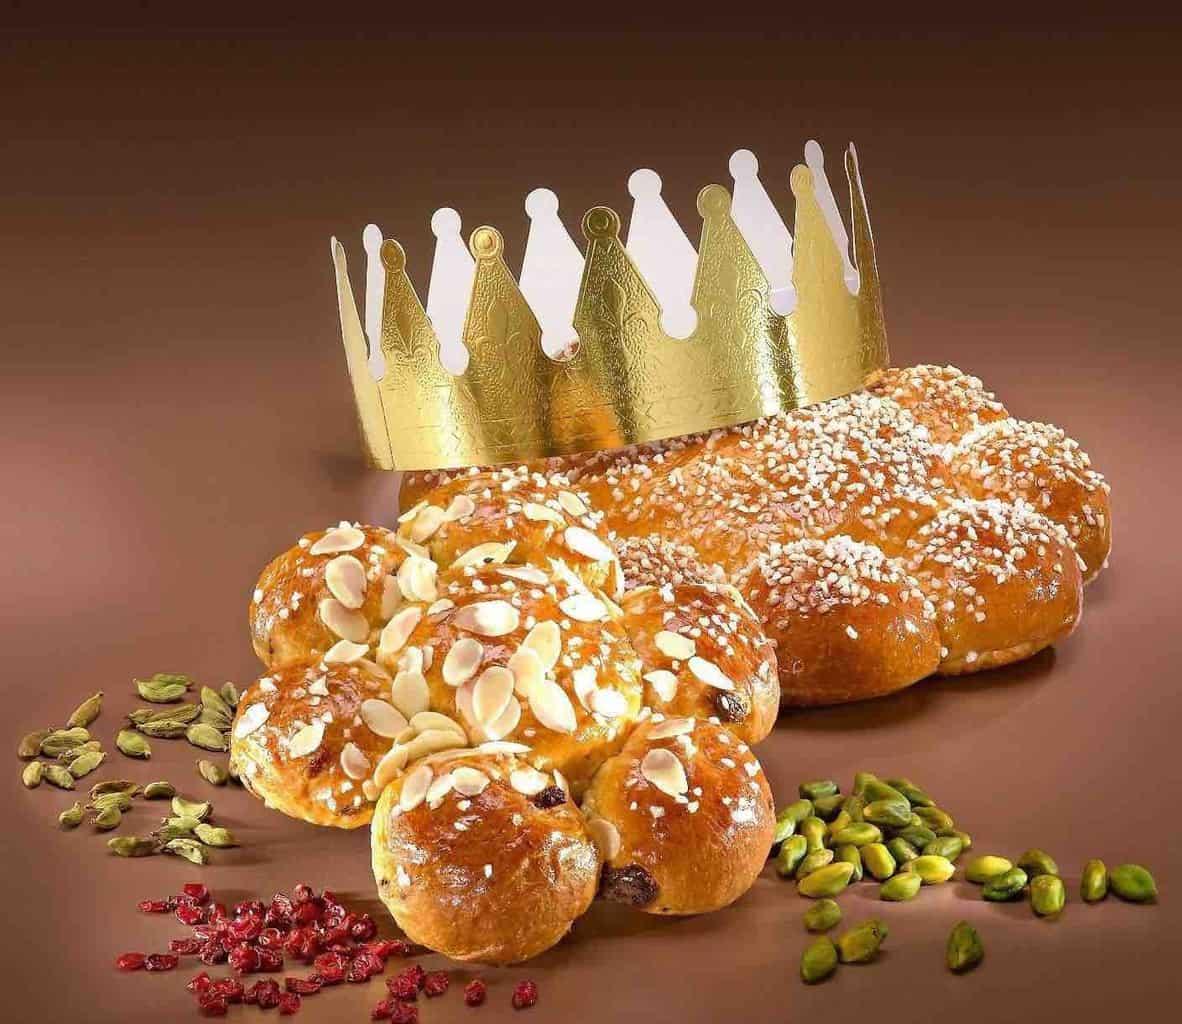 Confiserie Honold Dreikönigstag cake